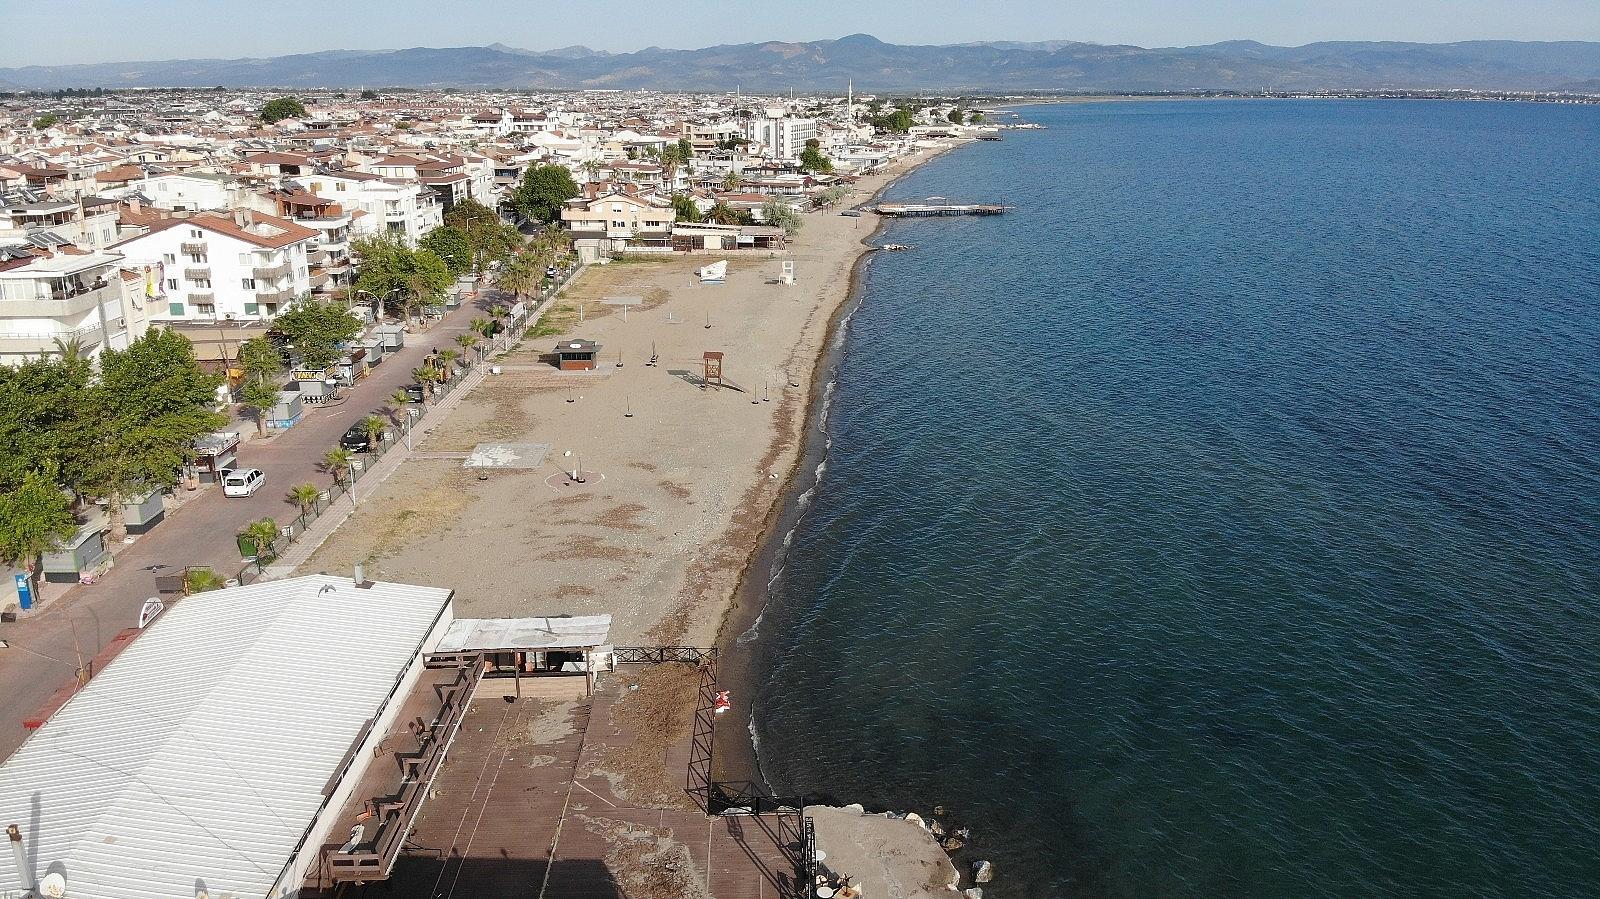 2021/05/plajlar-ve-sahiller-bayramin-birinci-gununde-bos-kaldi-20210513AW31-4.jpg